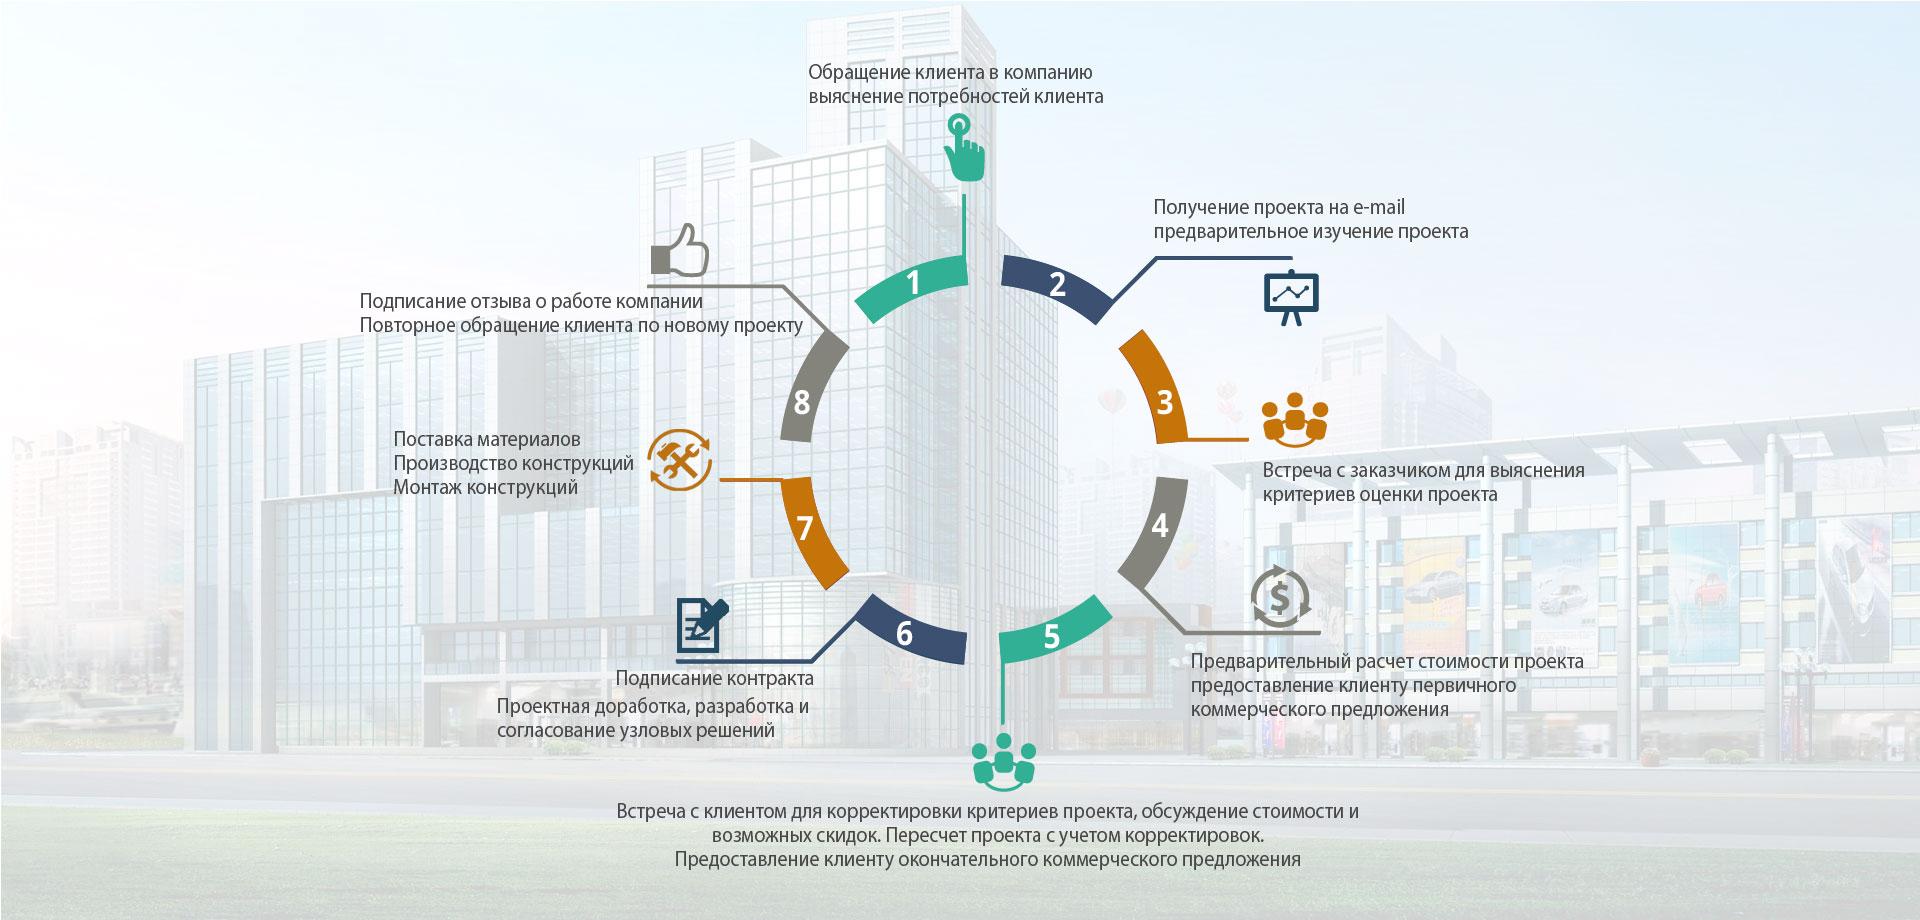 kak-mi-rabotaem-infographic